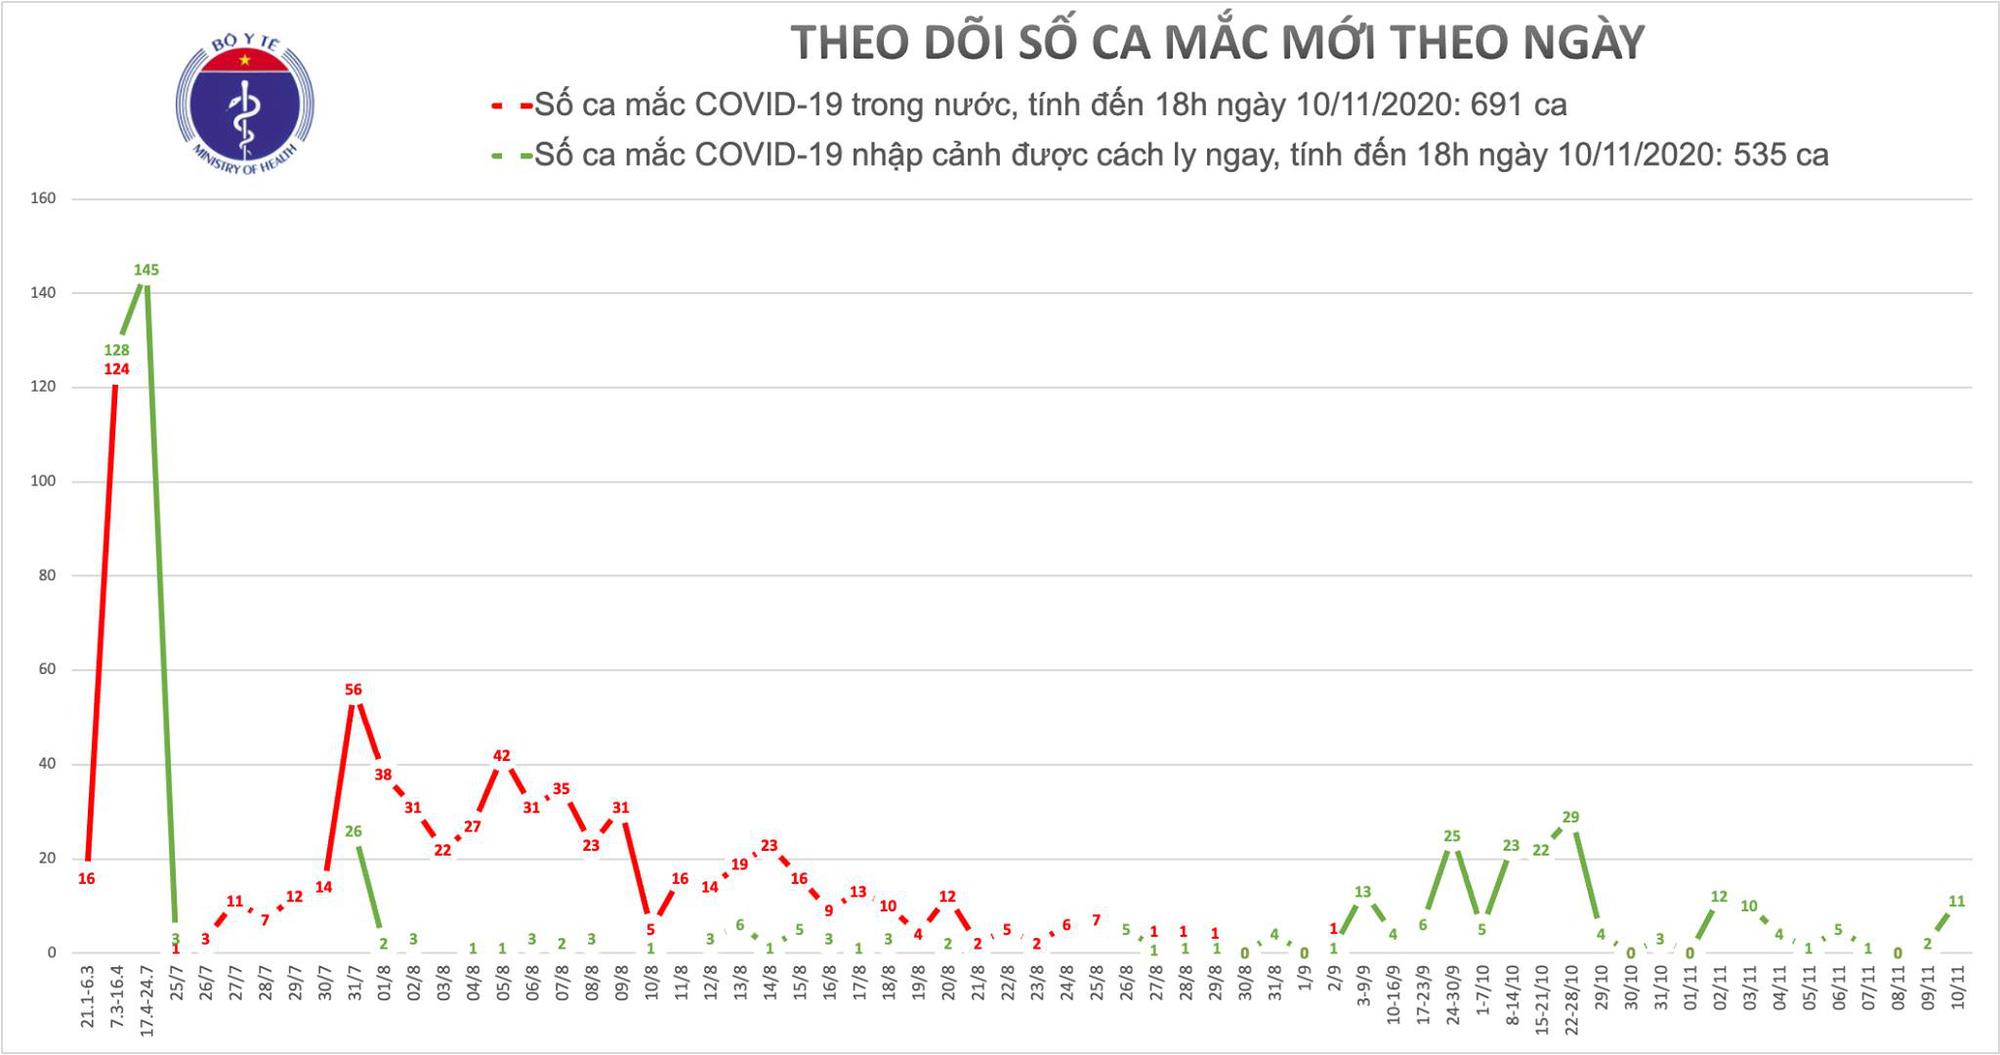 Chiều 10/11: Thêm 10 ca Covid-19 mắc mới - Ảnh 2.